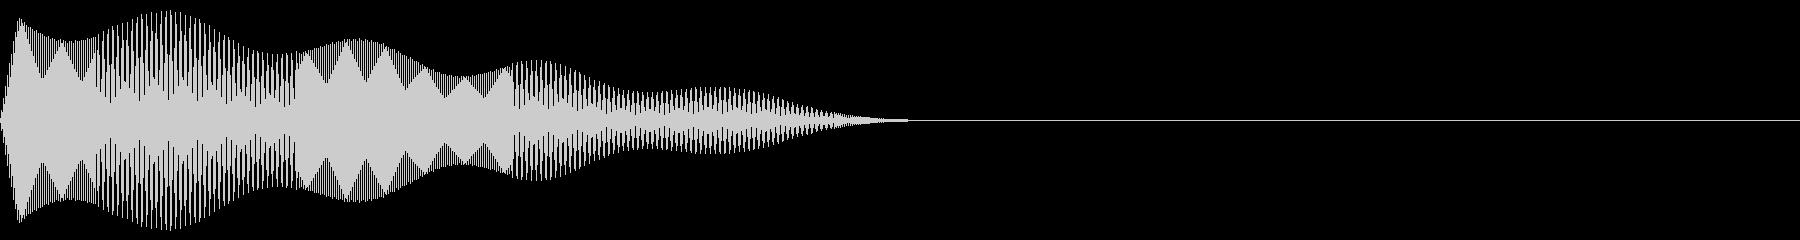 ピコッ(決定/選択/ファミコン/ピコピコの未再生の波形